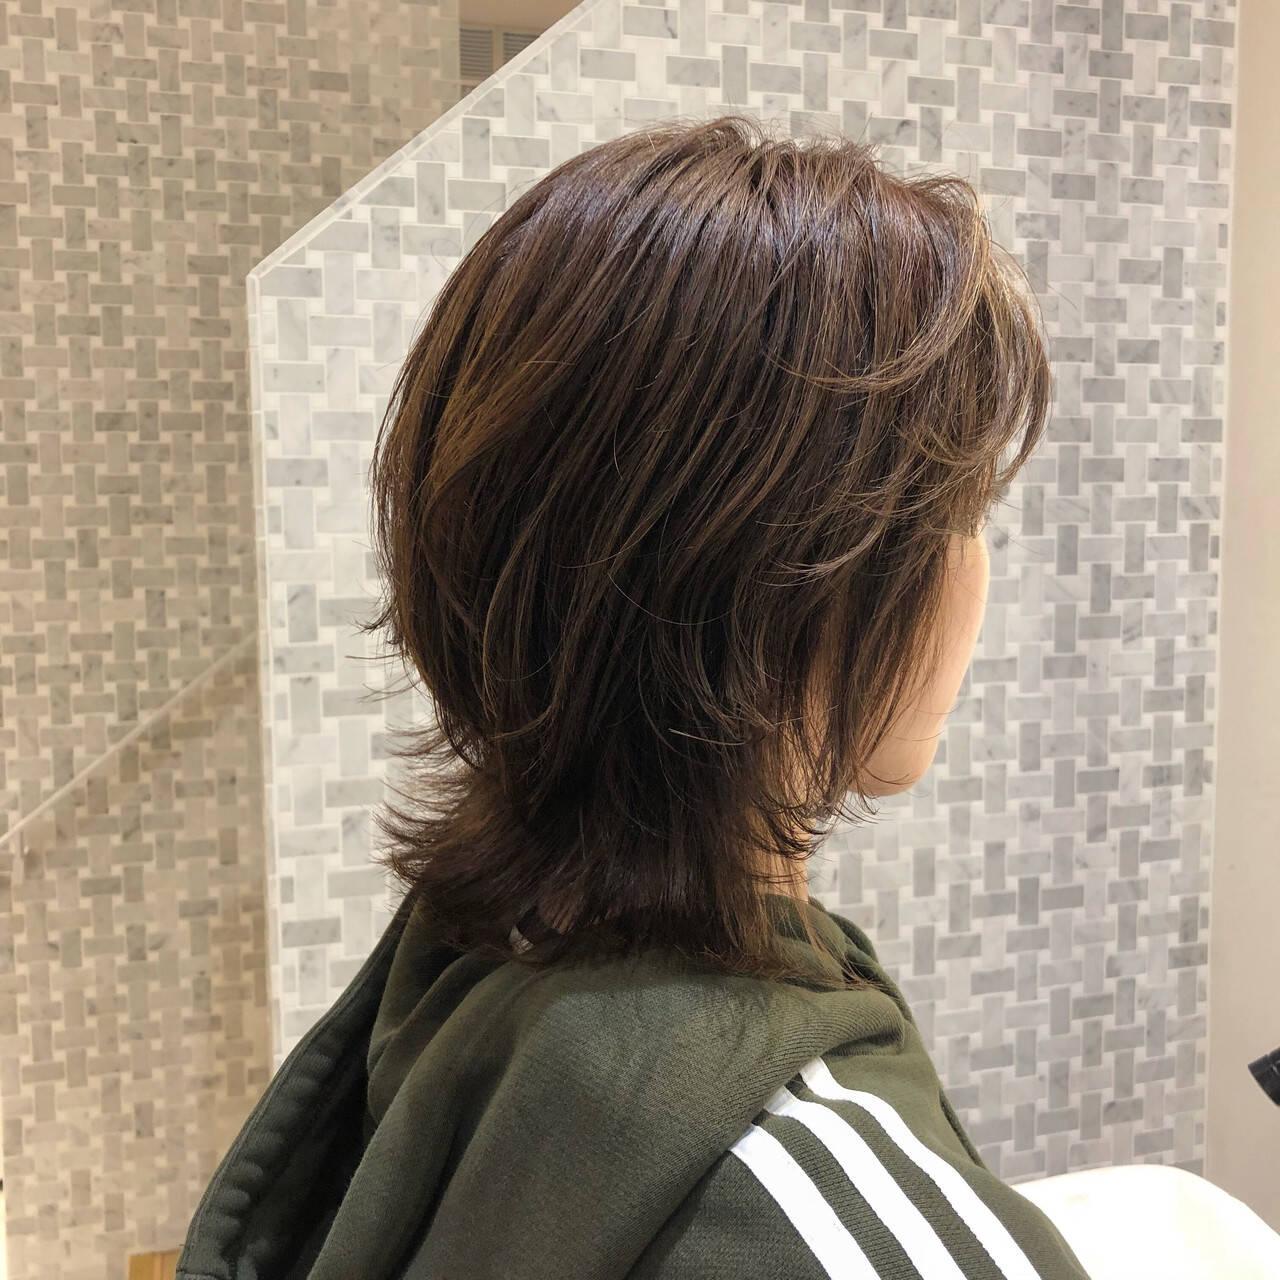 ストリート ウルフ女子 ニュアンスウルフ メンズヘアスタイルや髪型の写真・画像